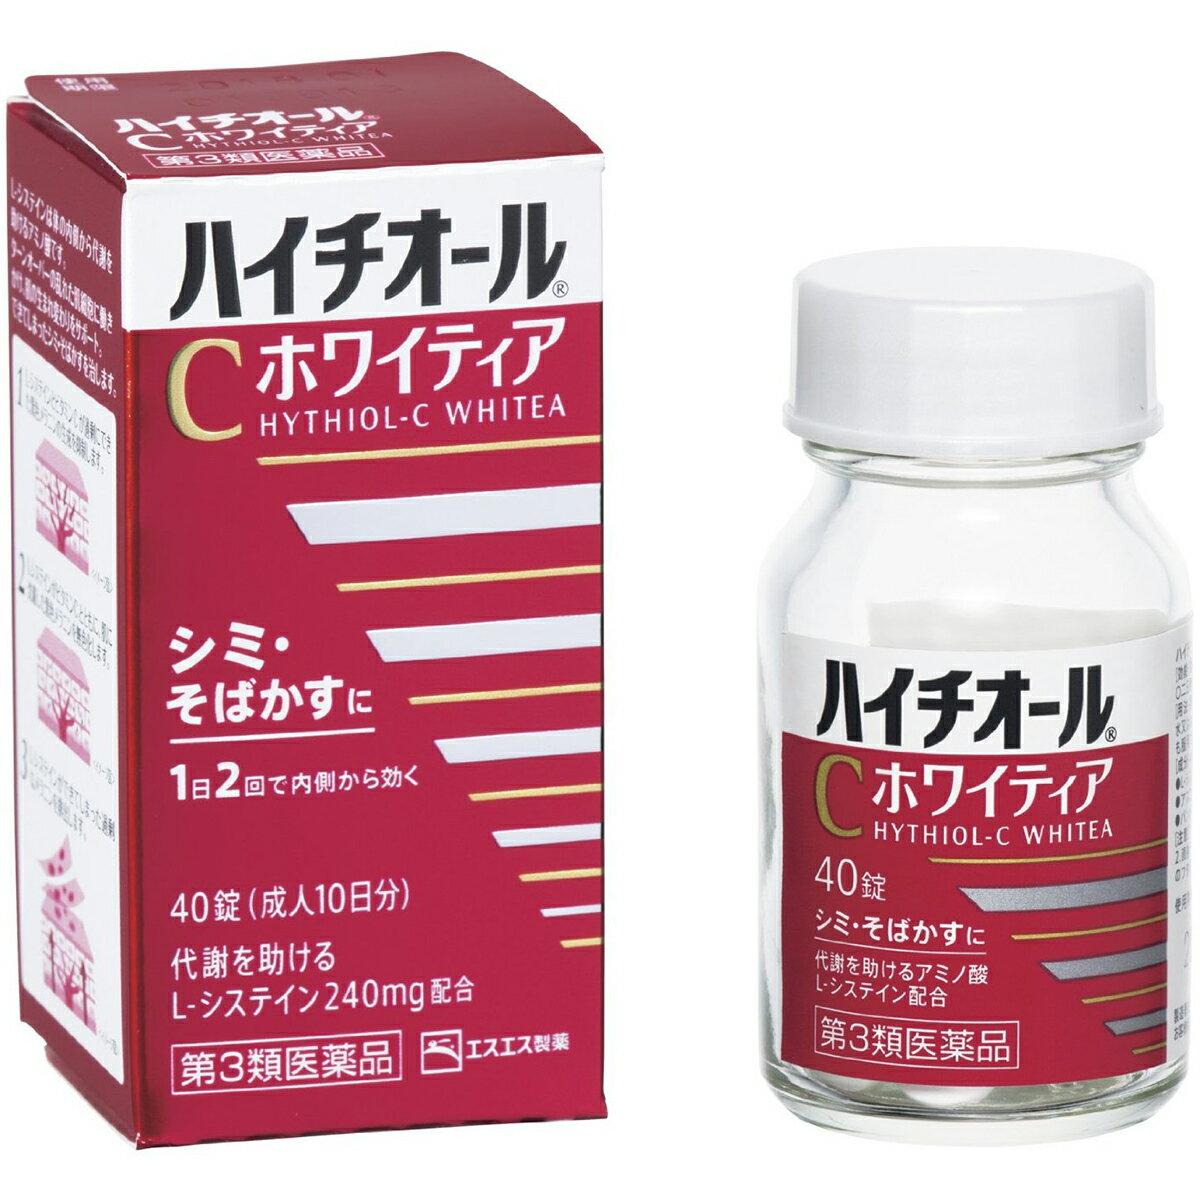 【第3類医薬品】エスエス製薬株式会社 ハイチオールCホワイティア 40錠<代謝を助けるL-システイン(アミノ酸)240mg+ビタミンC。1日2回>(この商品は注文後のキャンセルができません)【RCP】